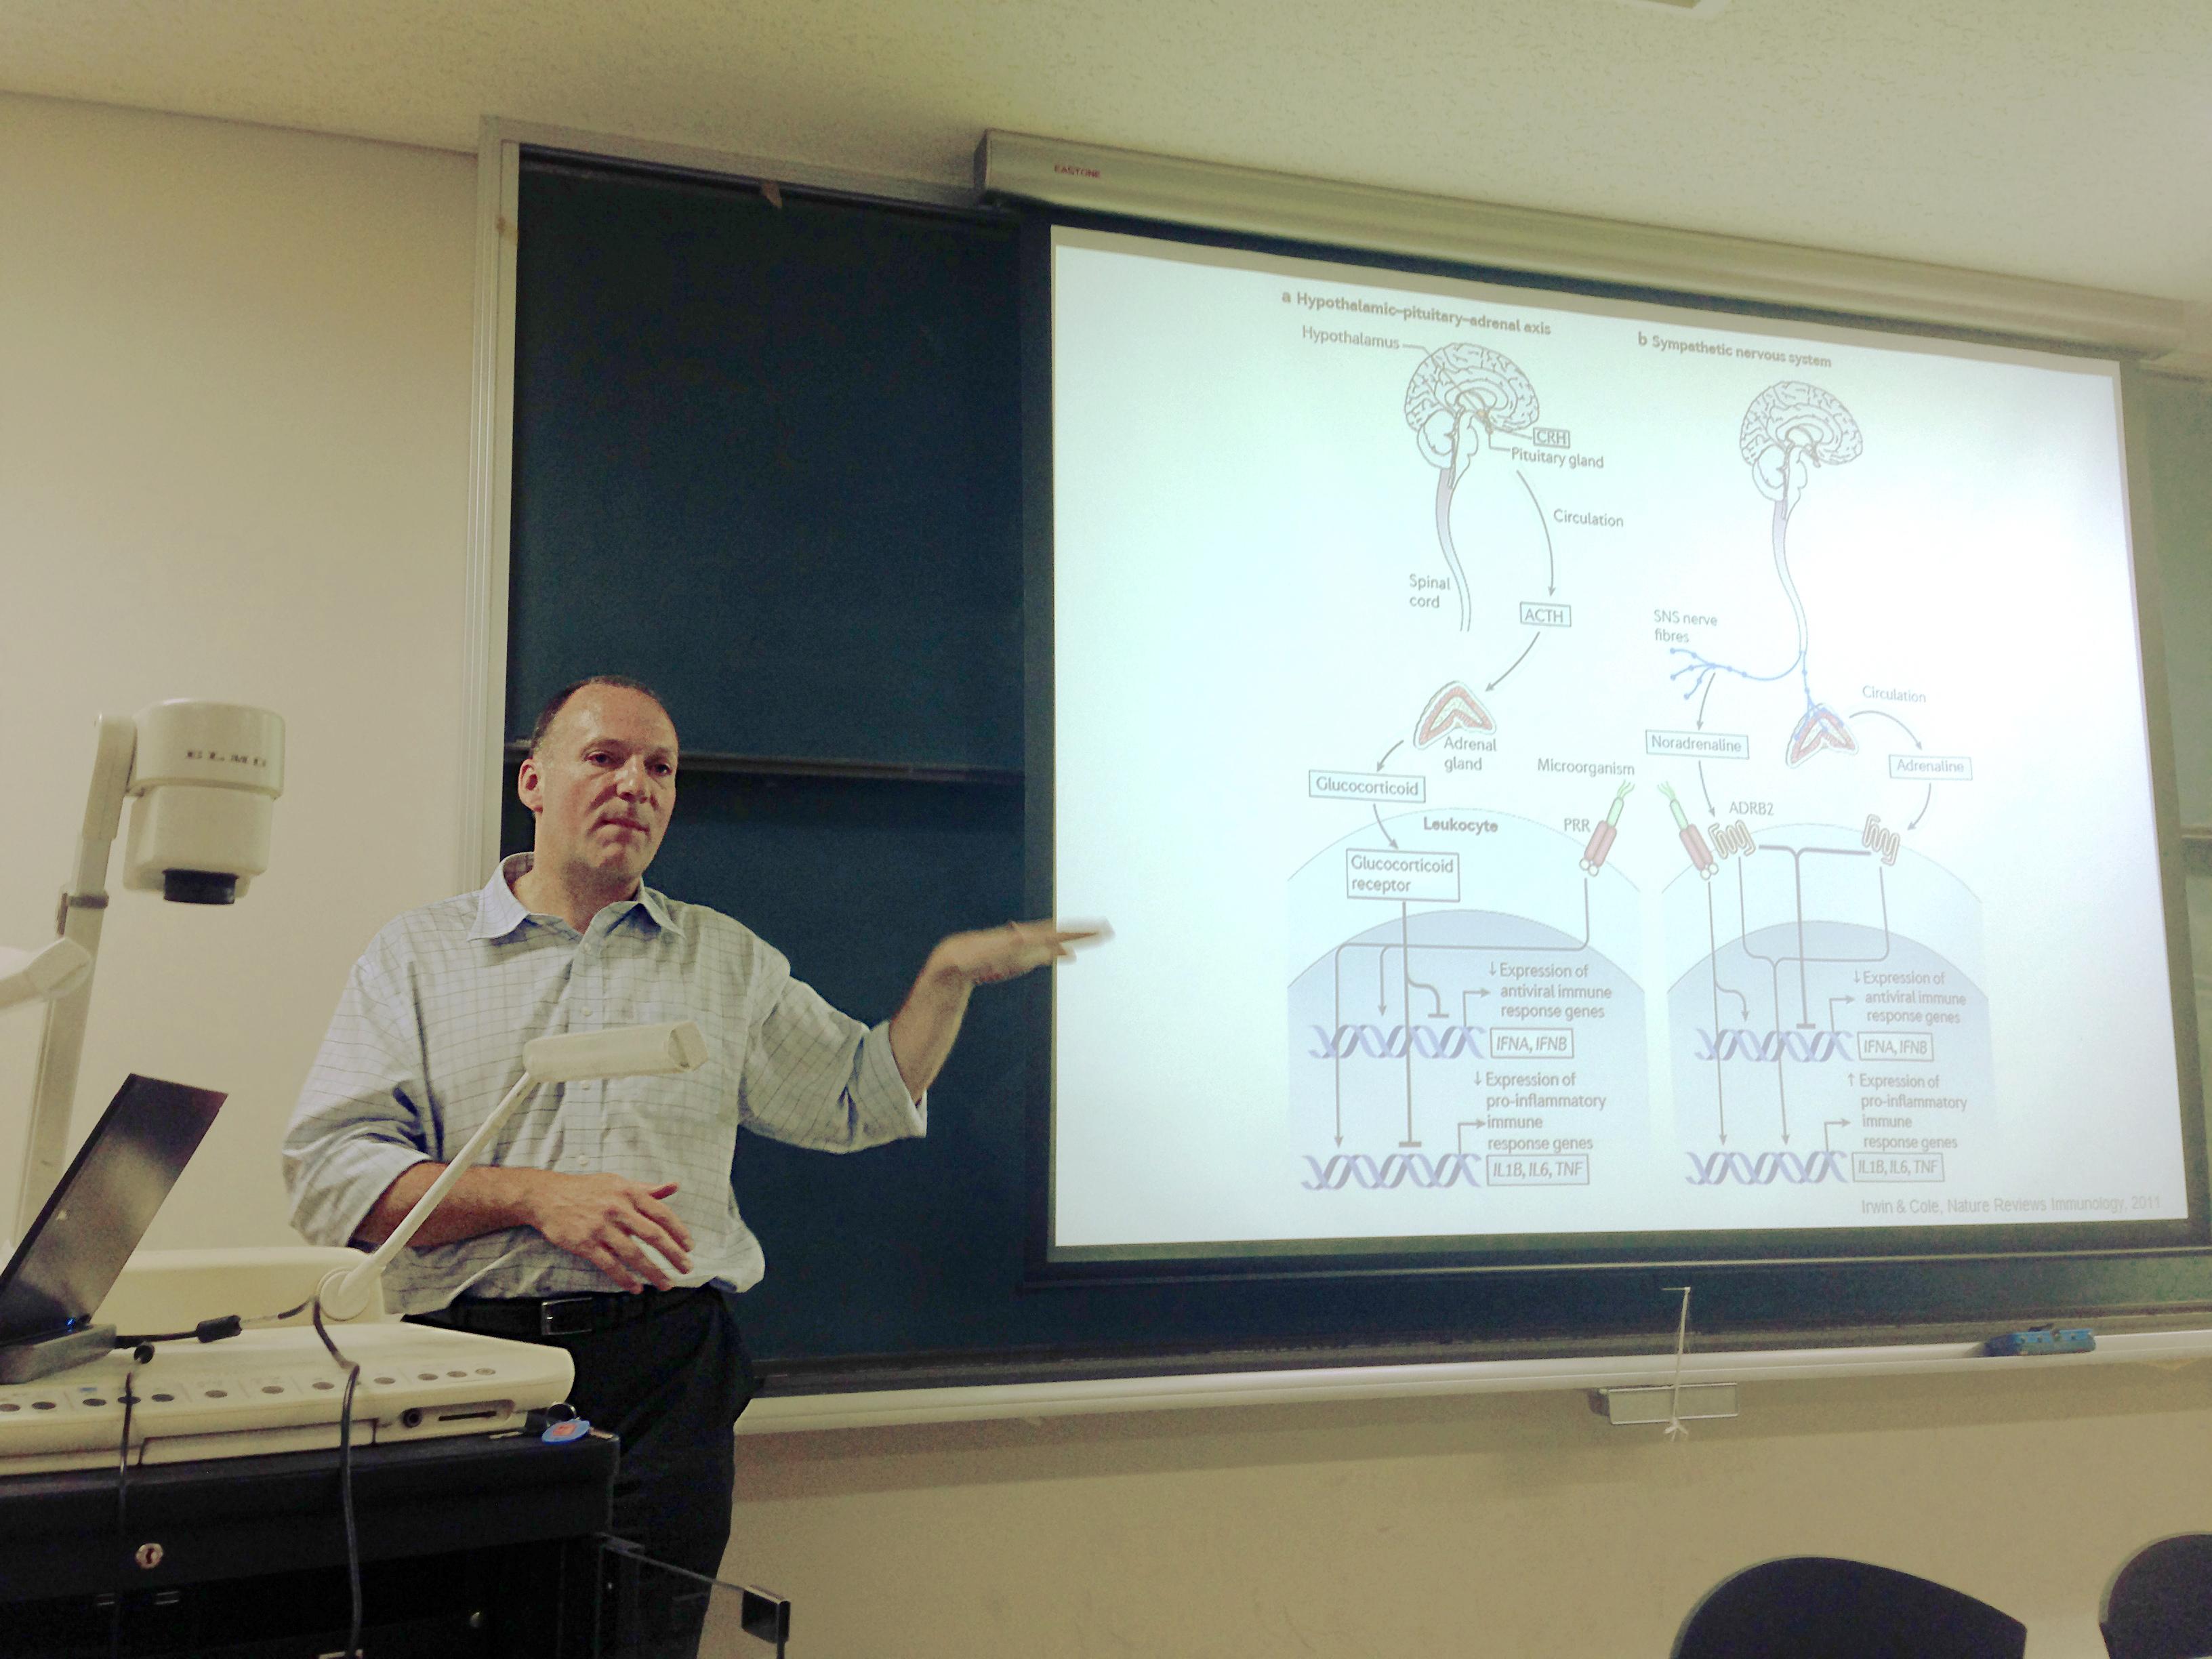 UCLAのCole教授によるセミナーが開催されました